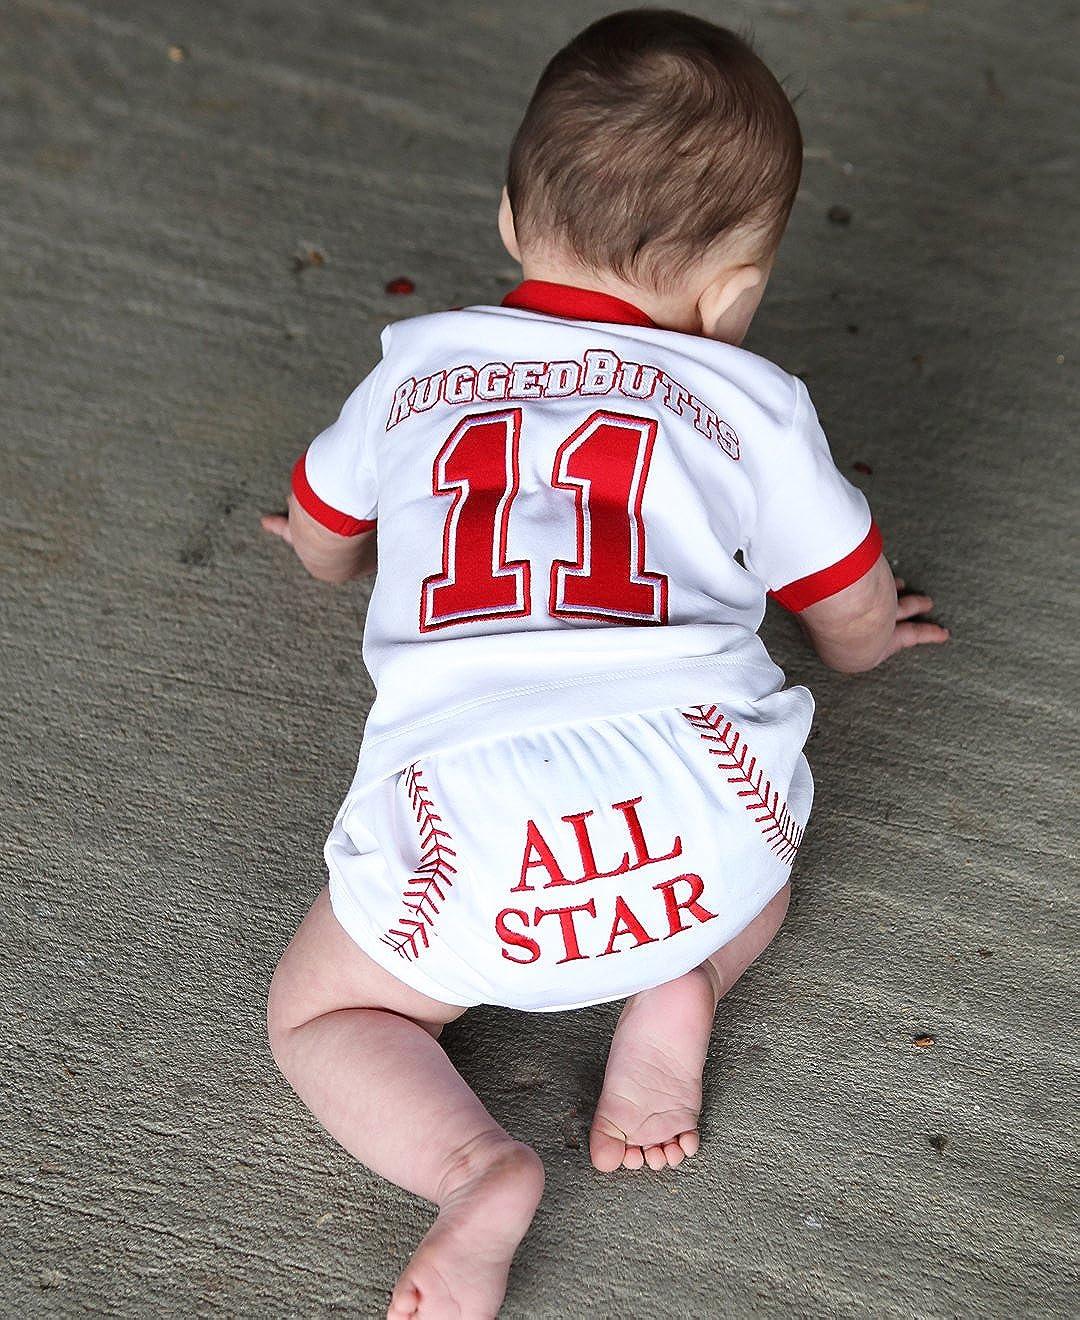 RuggedButts Baby//Toddler Boys Sports Bloomer BBKYYXX-SPRT-SC-BABY